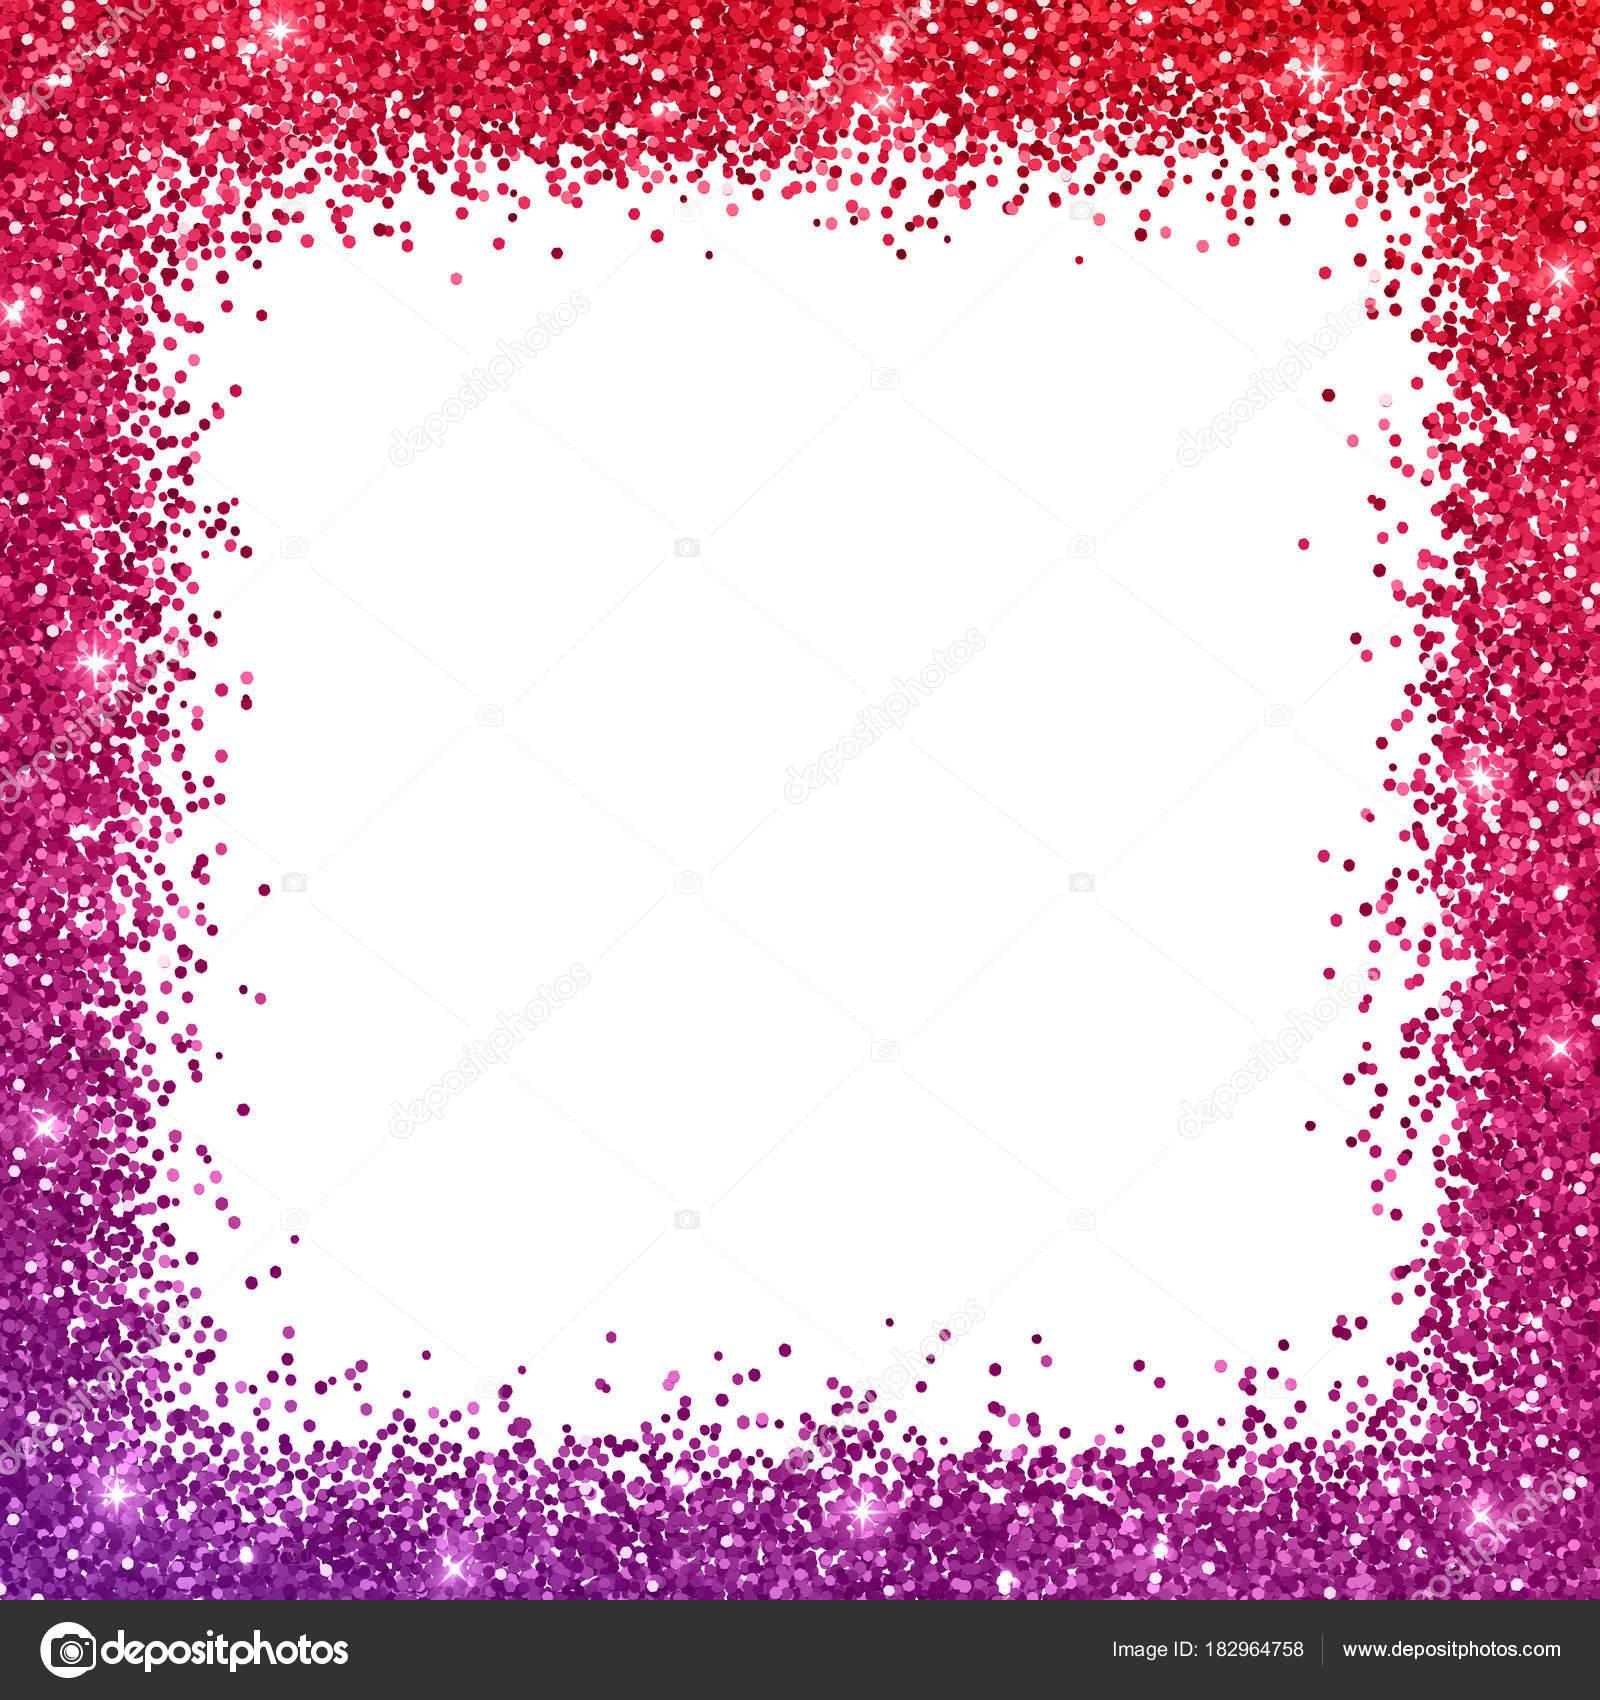 Marco de frontera brillo con efecto de color rojo púrpura. Vector de ...